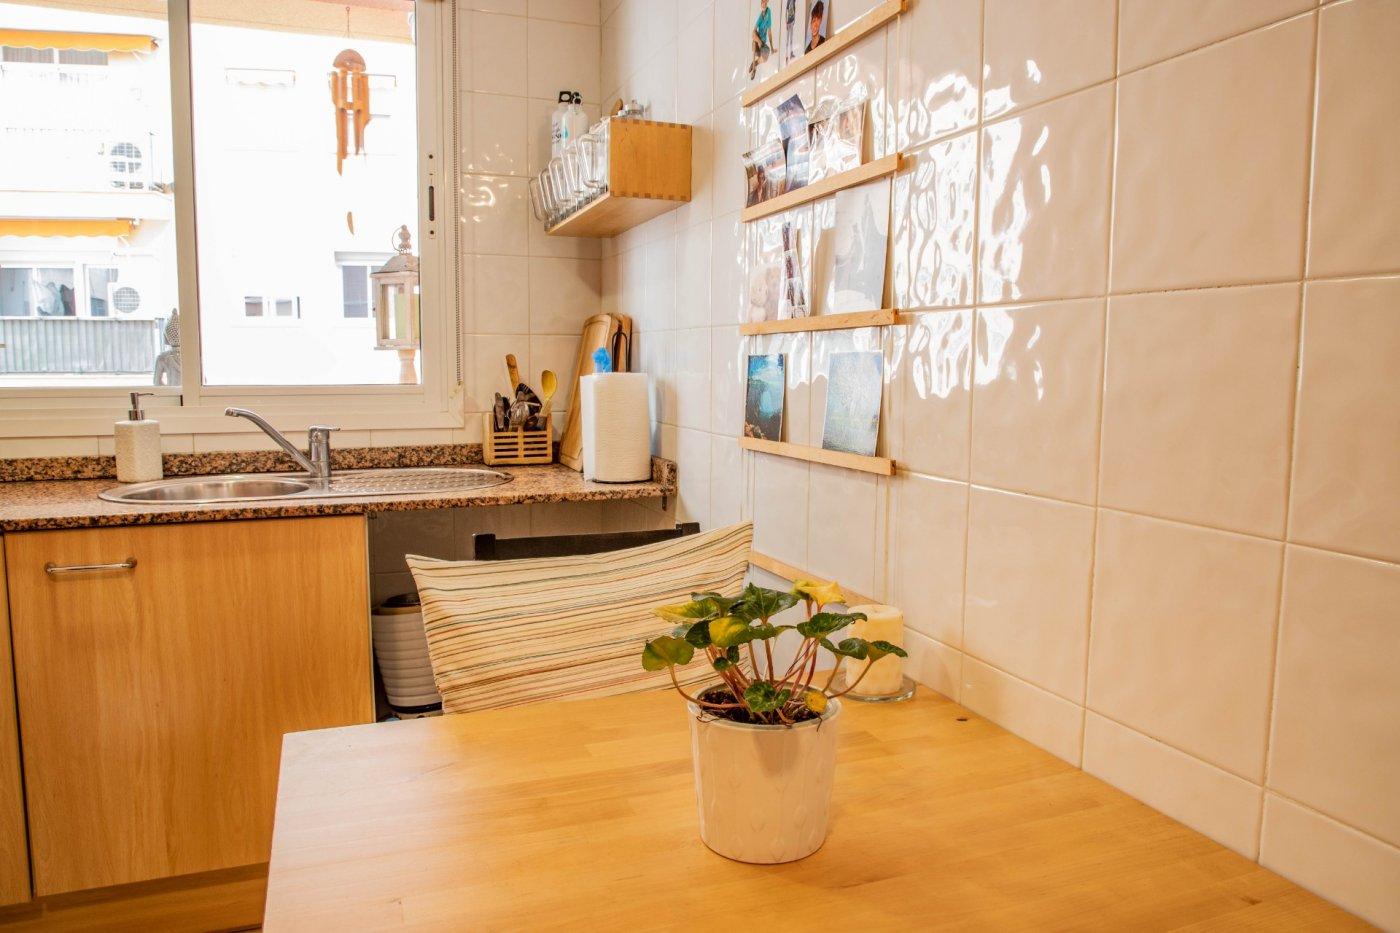 En venta espectacular piso en el terreno cerca al paseo maritimo - imagenInmueble13